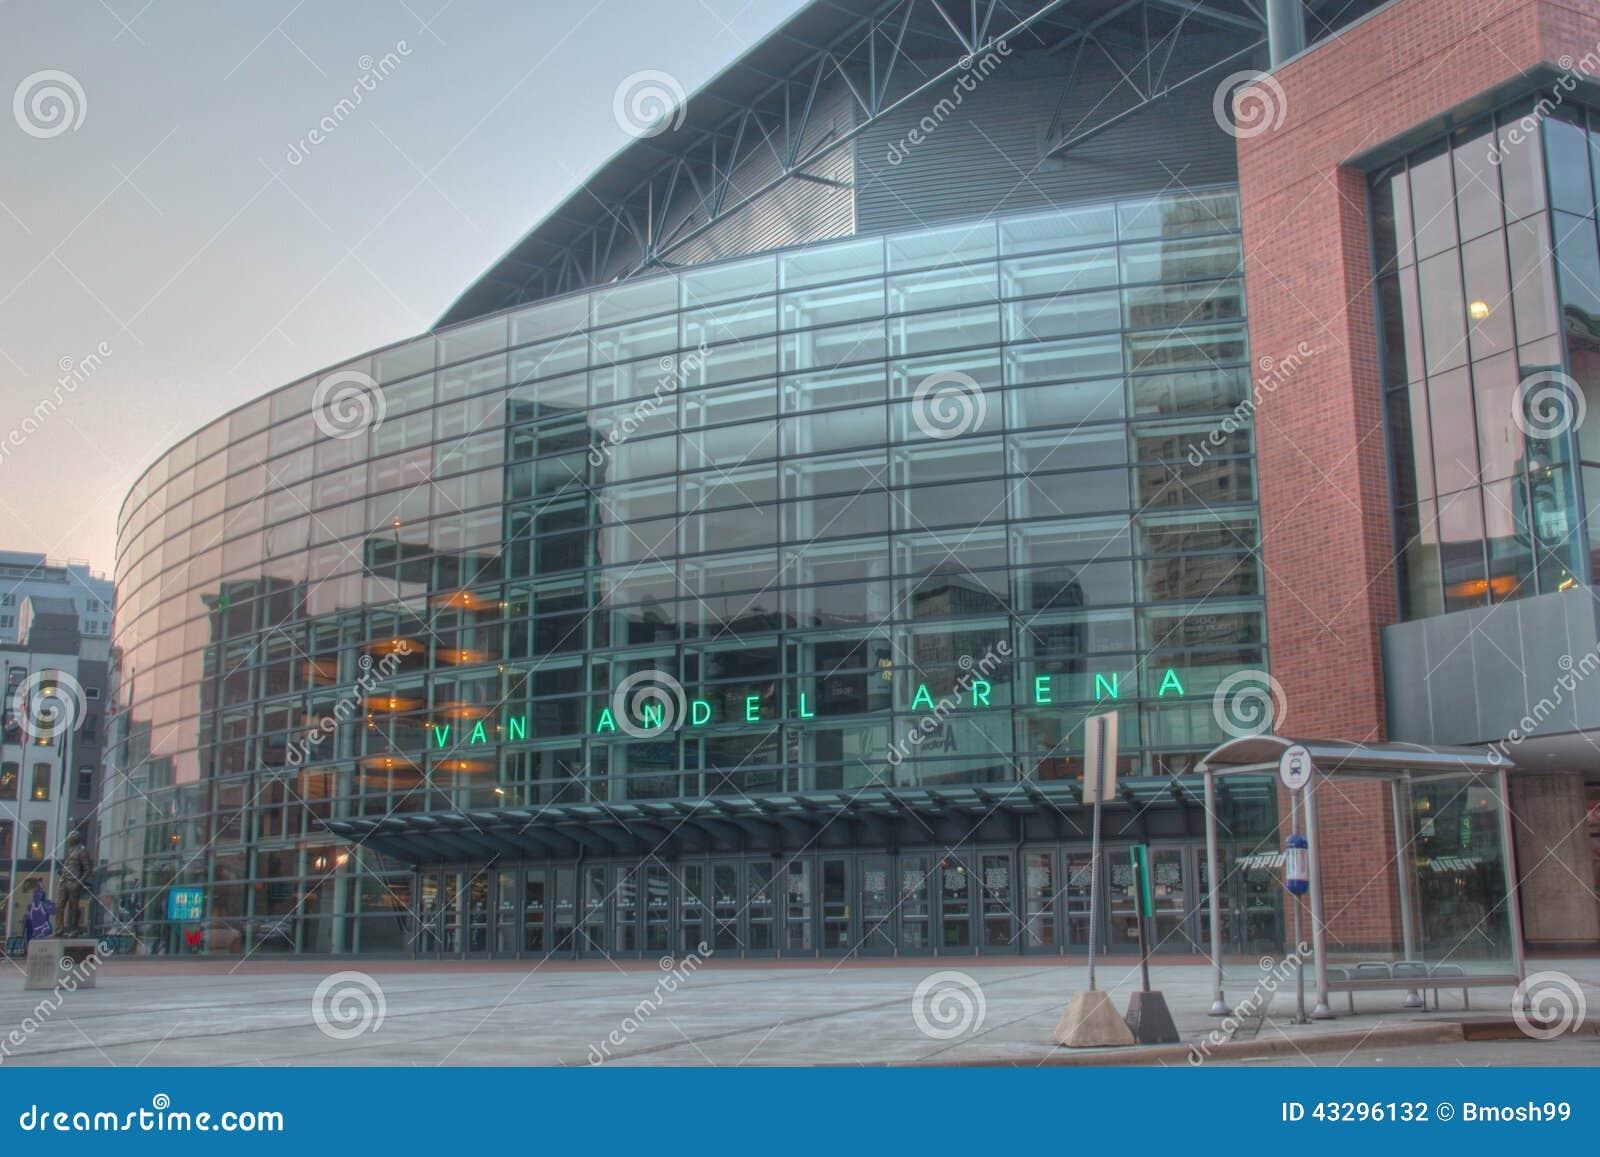 Van andel Arena in Grand Rapids Michigan